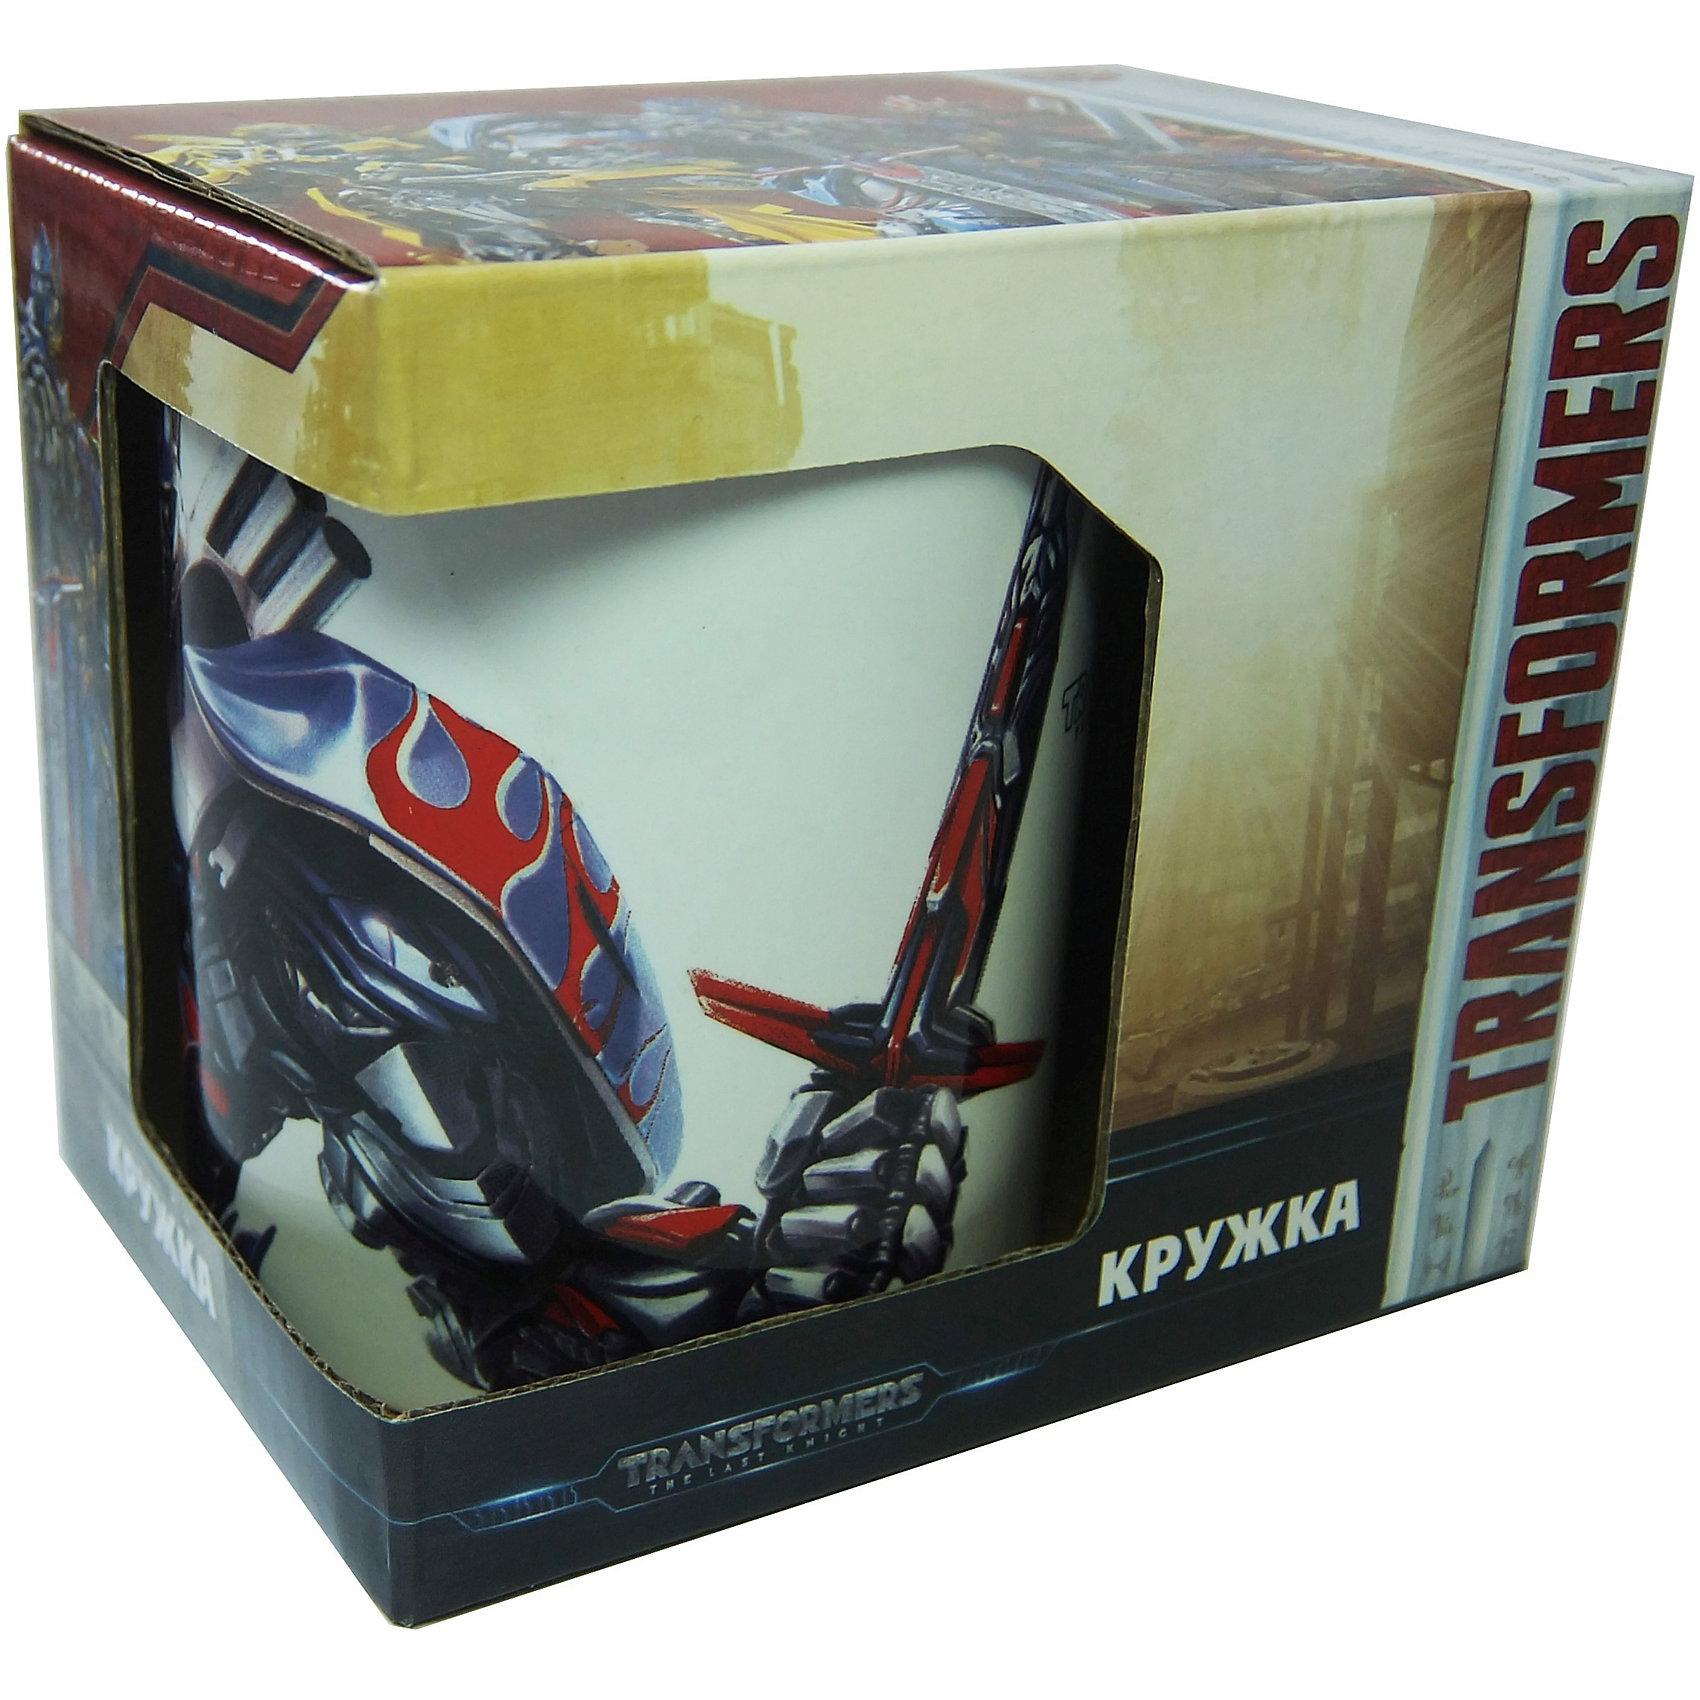 Кружка Transformers Роботы под прикрытием в подарочной упаковке, 350 мл.Посуда<br>Характеристики:<br><br>• Материал: керамика<br>• Тематика рисунка: Трансформеры<br>• Можно использовать для горячих и холодных напитков<br>• Упаковка: подарочная картонная коробка<br>• Объем: 350 мл<br>• Вес: 360 г<br>• Размеры (Д*Ш*В): 12*8,2*9,5 см<br>• Особенности ухода: можно мыть в посудомоечной машине<br><br>Кружка Transformers Роботы под прикрытием в подарочной упаковке, 350 мл выполнена в стильном дизайне: на белый корпус нанесено изображение героев популярного мультсериала Трансформеры. Изображение детально отражает облик экранного прототипа, устойчиво к появлению царапин, не выцветает при частом мытье. <br><br>Кружку Transformers Роботы под прикрытием в подарочной упаковке, 350 мл можно купить в нашем интернет-магазине.<br><br>Ширина мм: 120<br>Глубина мм: 82<br>Высота мм: 95<br>Вес г: 360<br>Возраст от месяцев: 36<br>Возраст до месяцев: 1188<br>Пол: Мужской<br>Возраст: Детский<br>SKU: 6849976